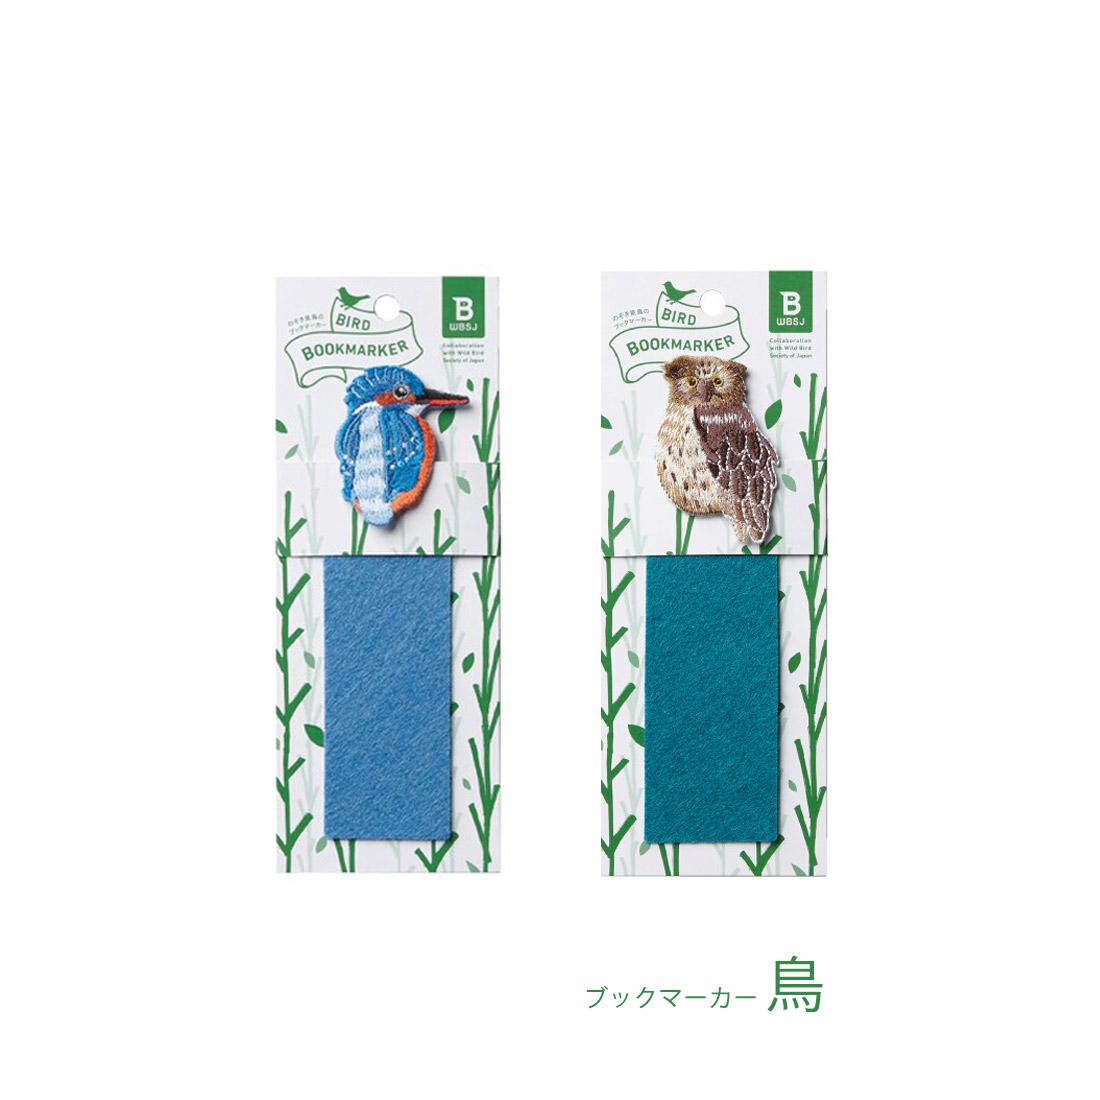 ブックマーカー 鳥(2種から選択)